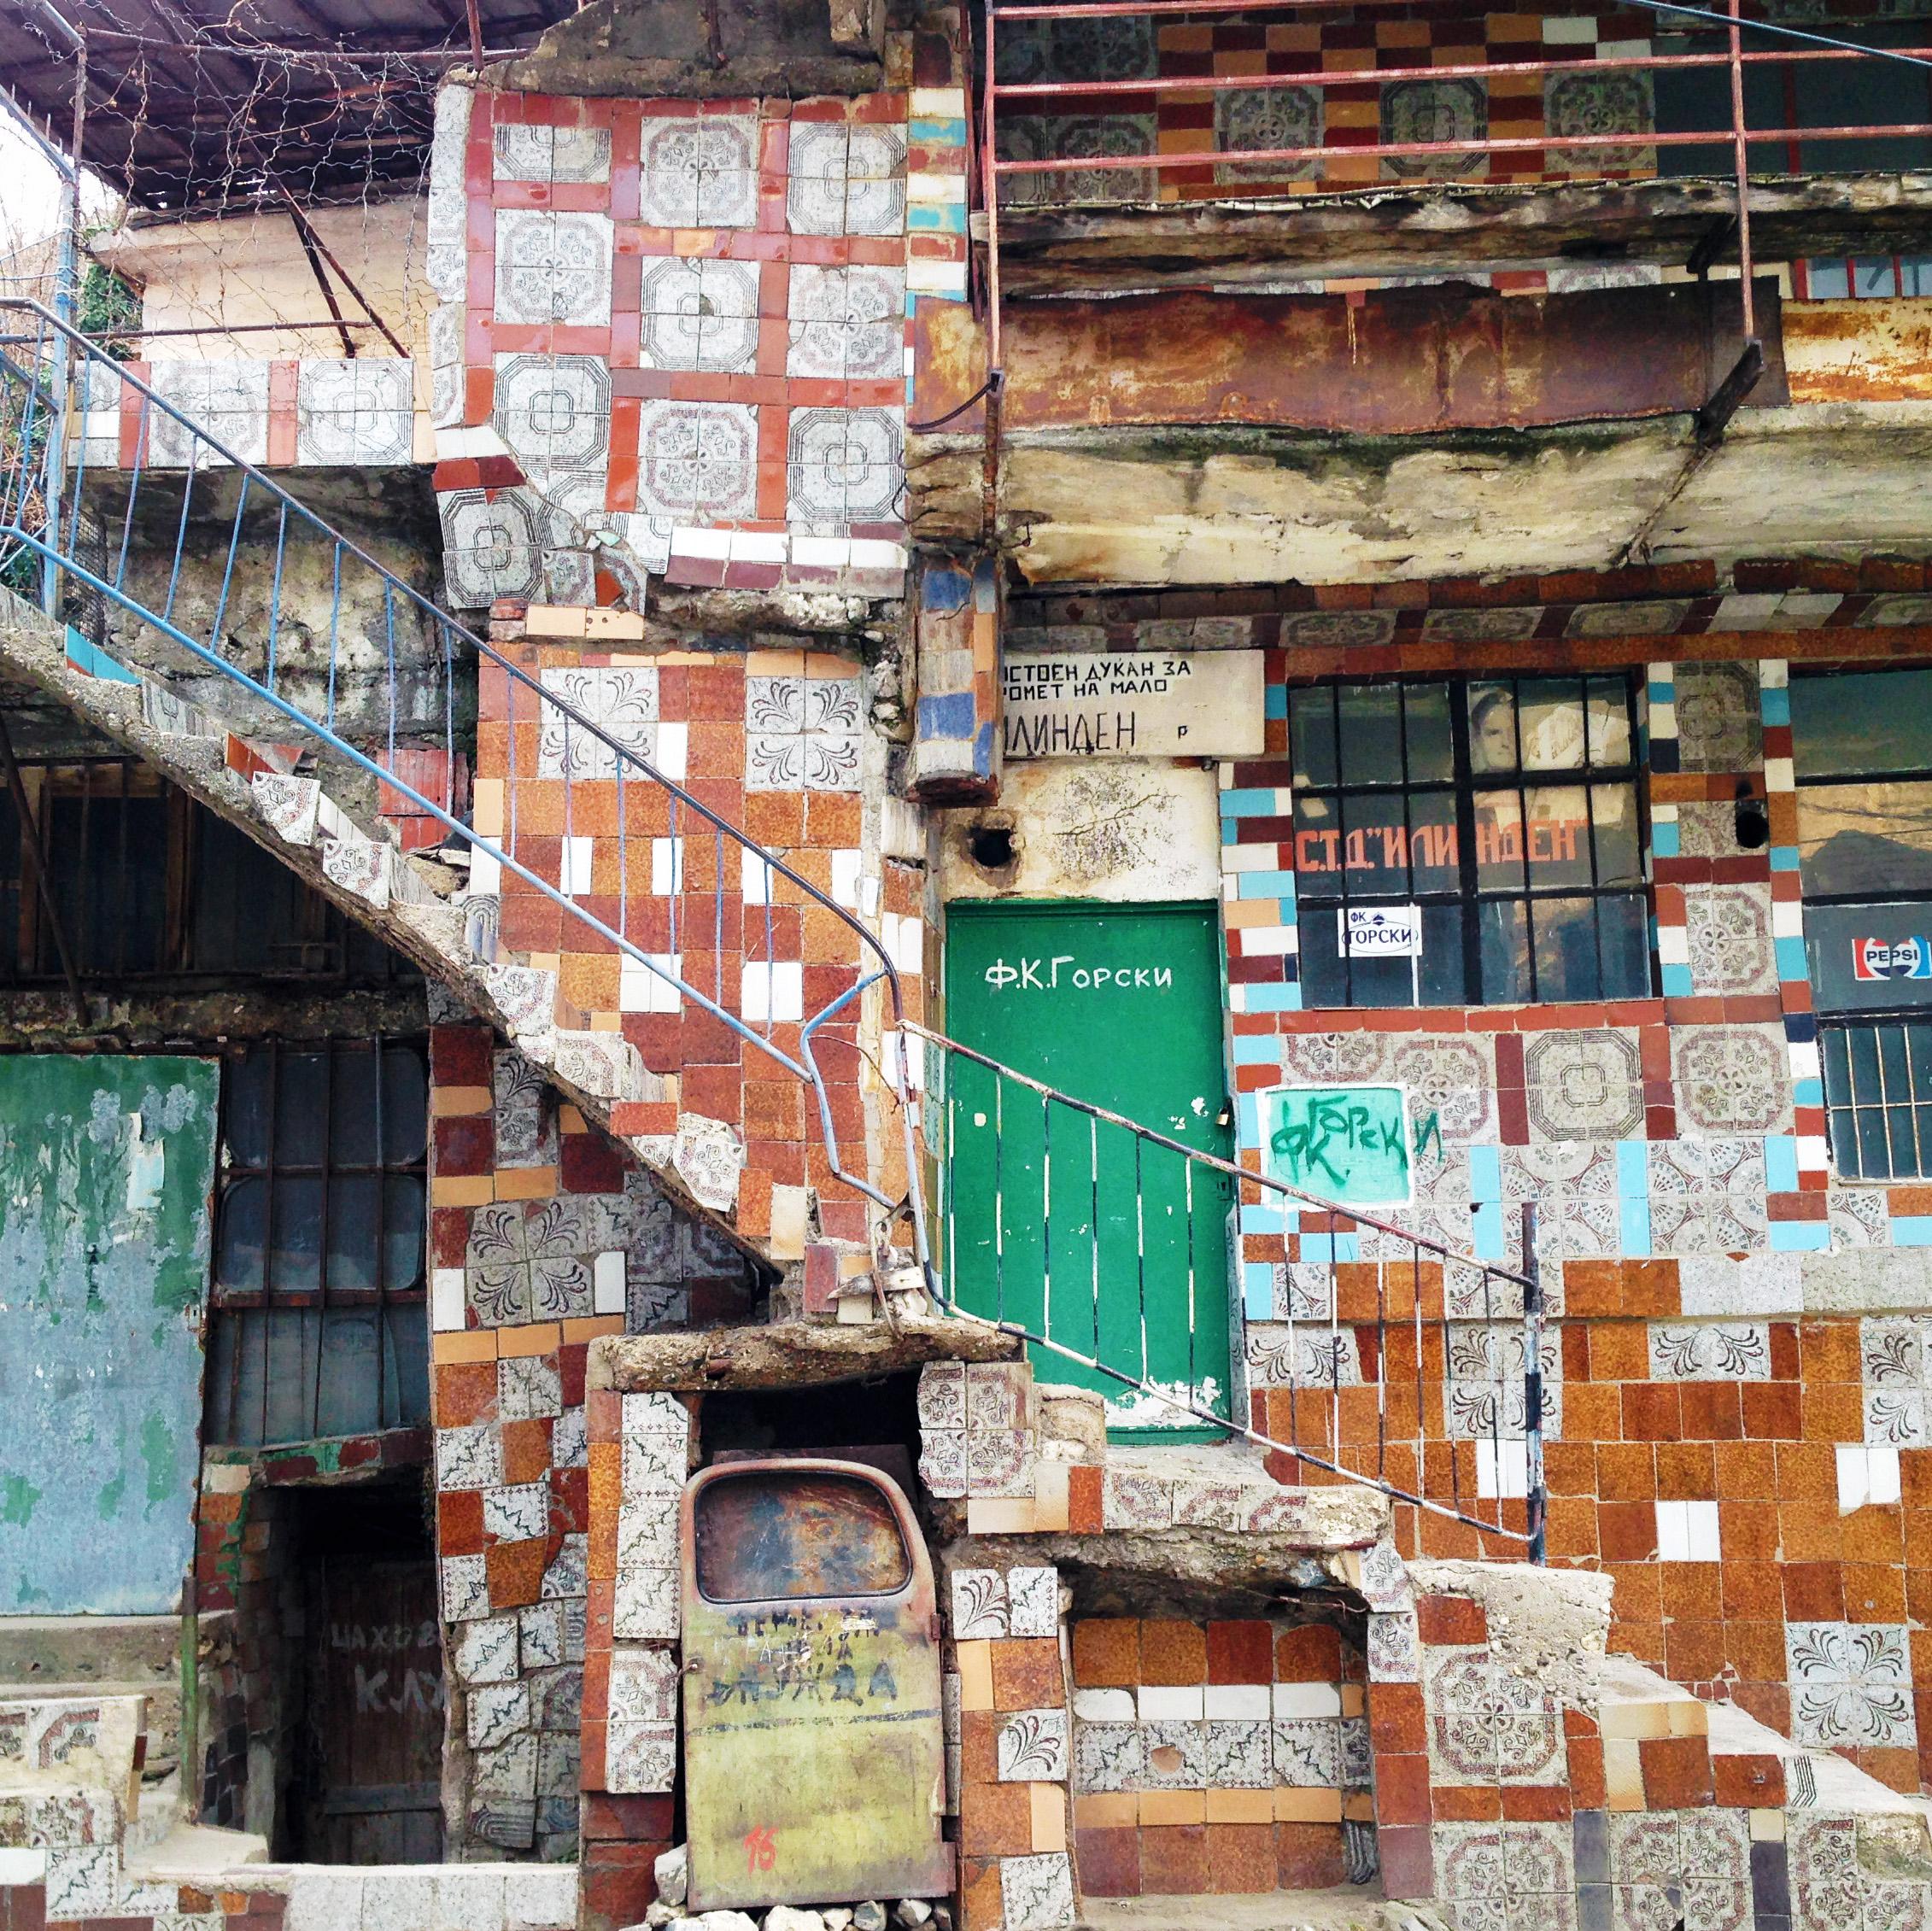 Facade in Veles, Macedonia.